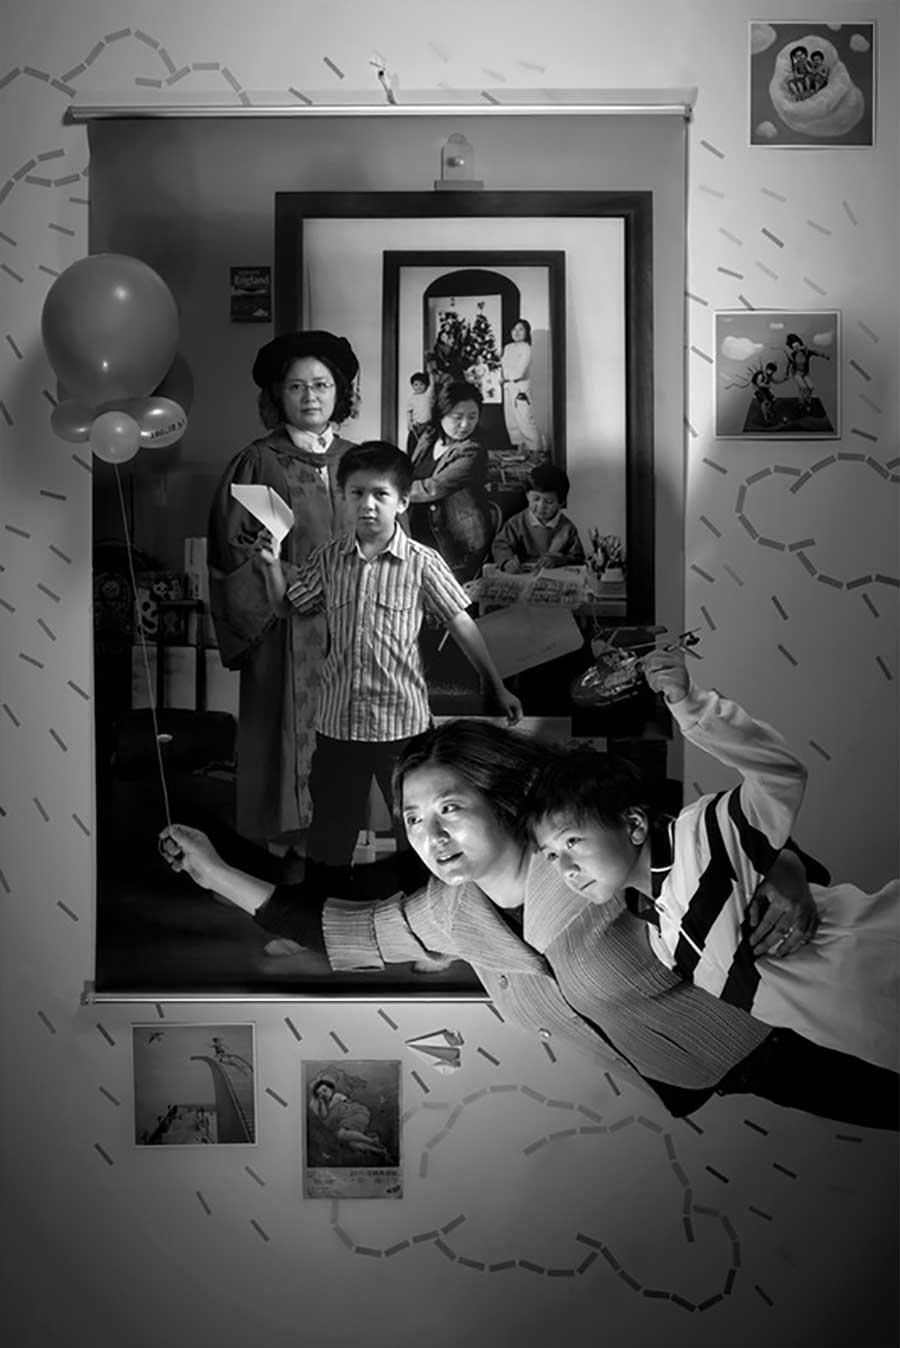 Mutter fügt 17 Jahre Bildebenen hinzu, die Sohn aufwachsen zeigen mutter-17-jahre-foto-in-foto_09